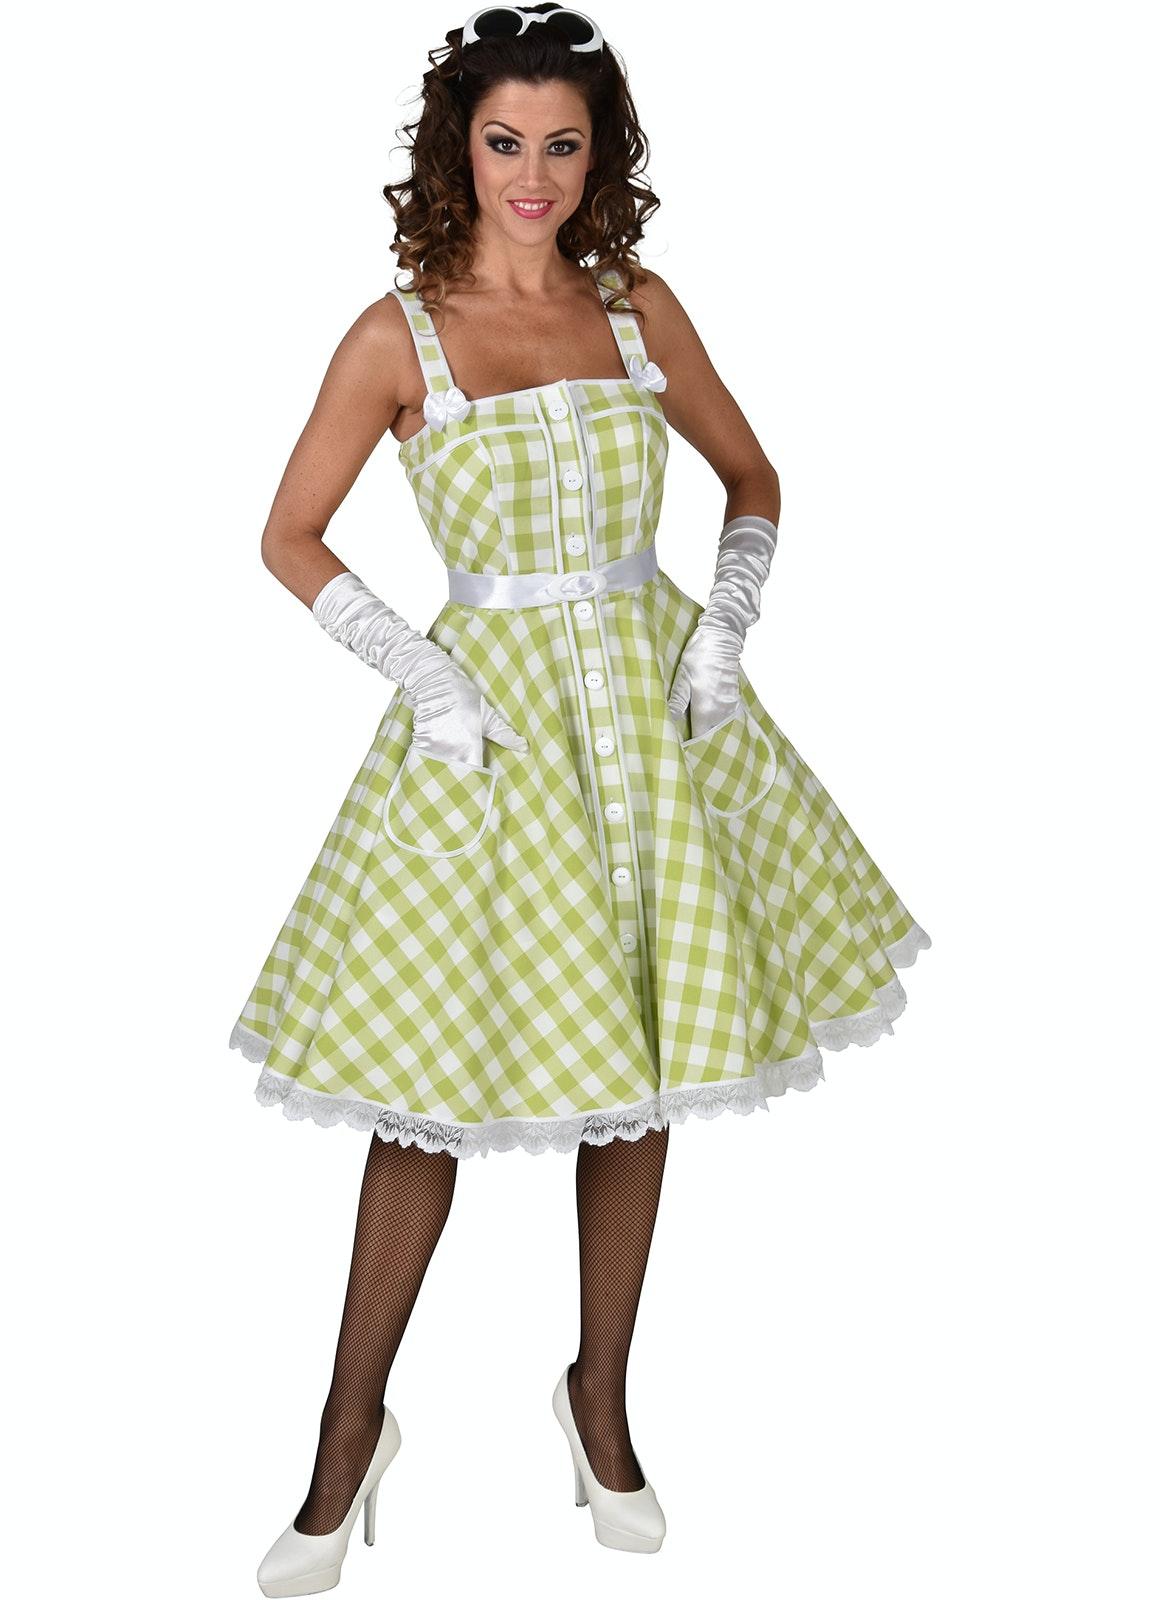 50's Rock 'n roll jurk lime/wit